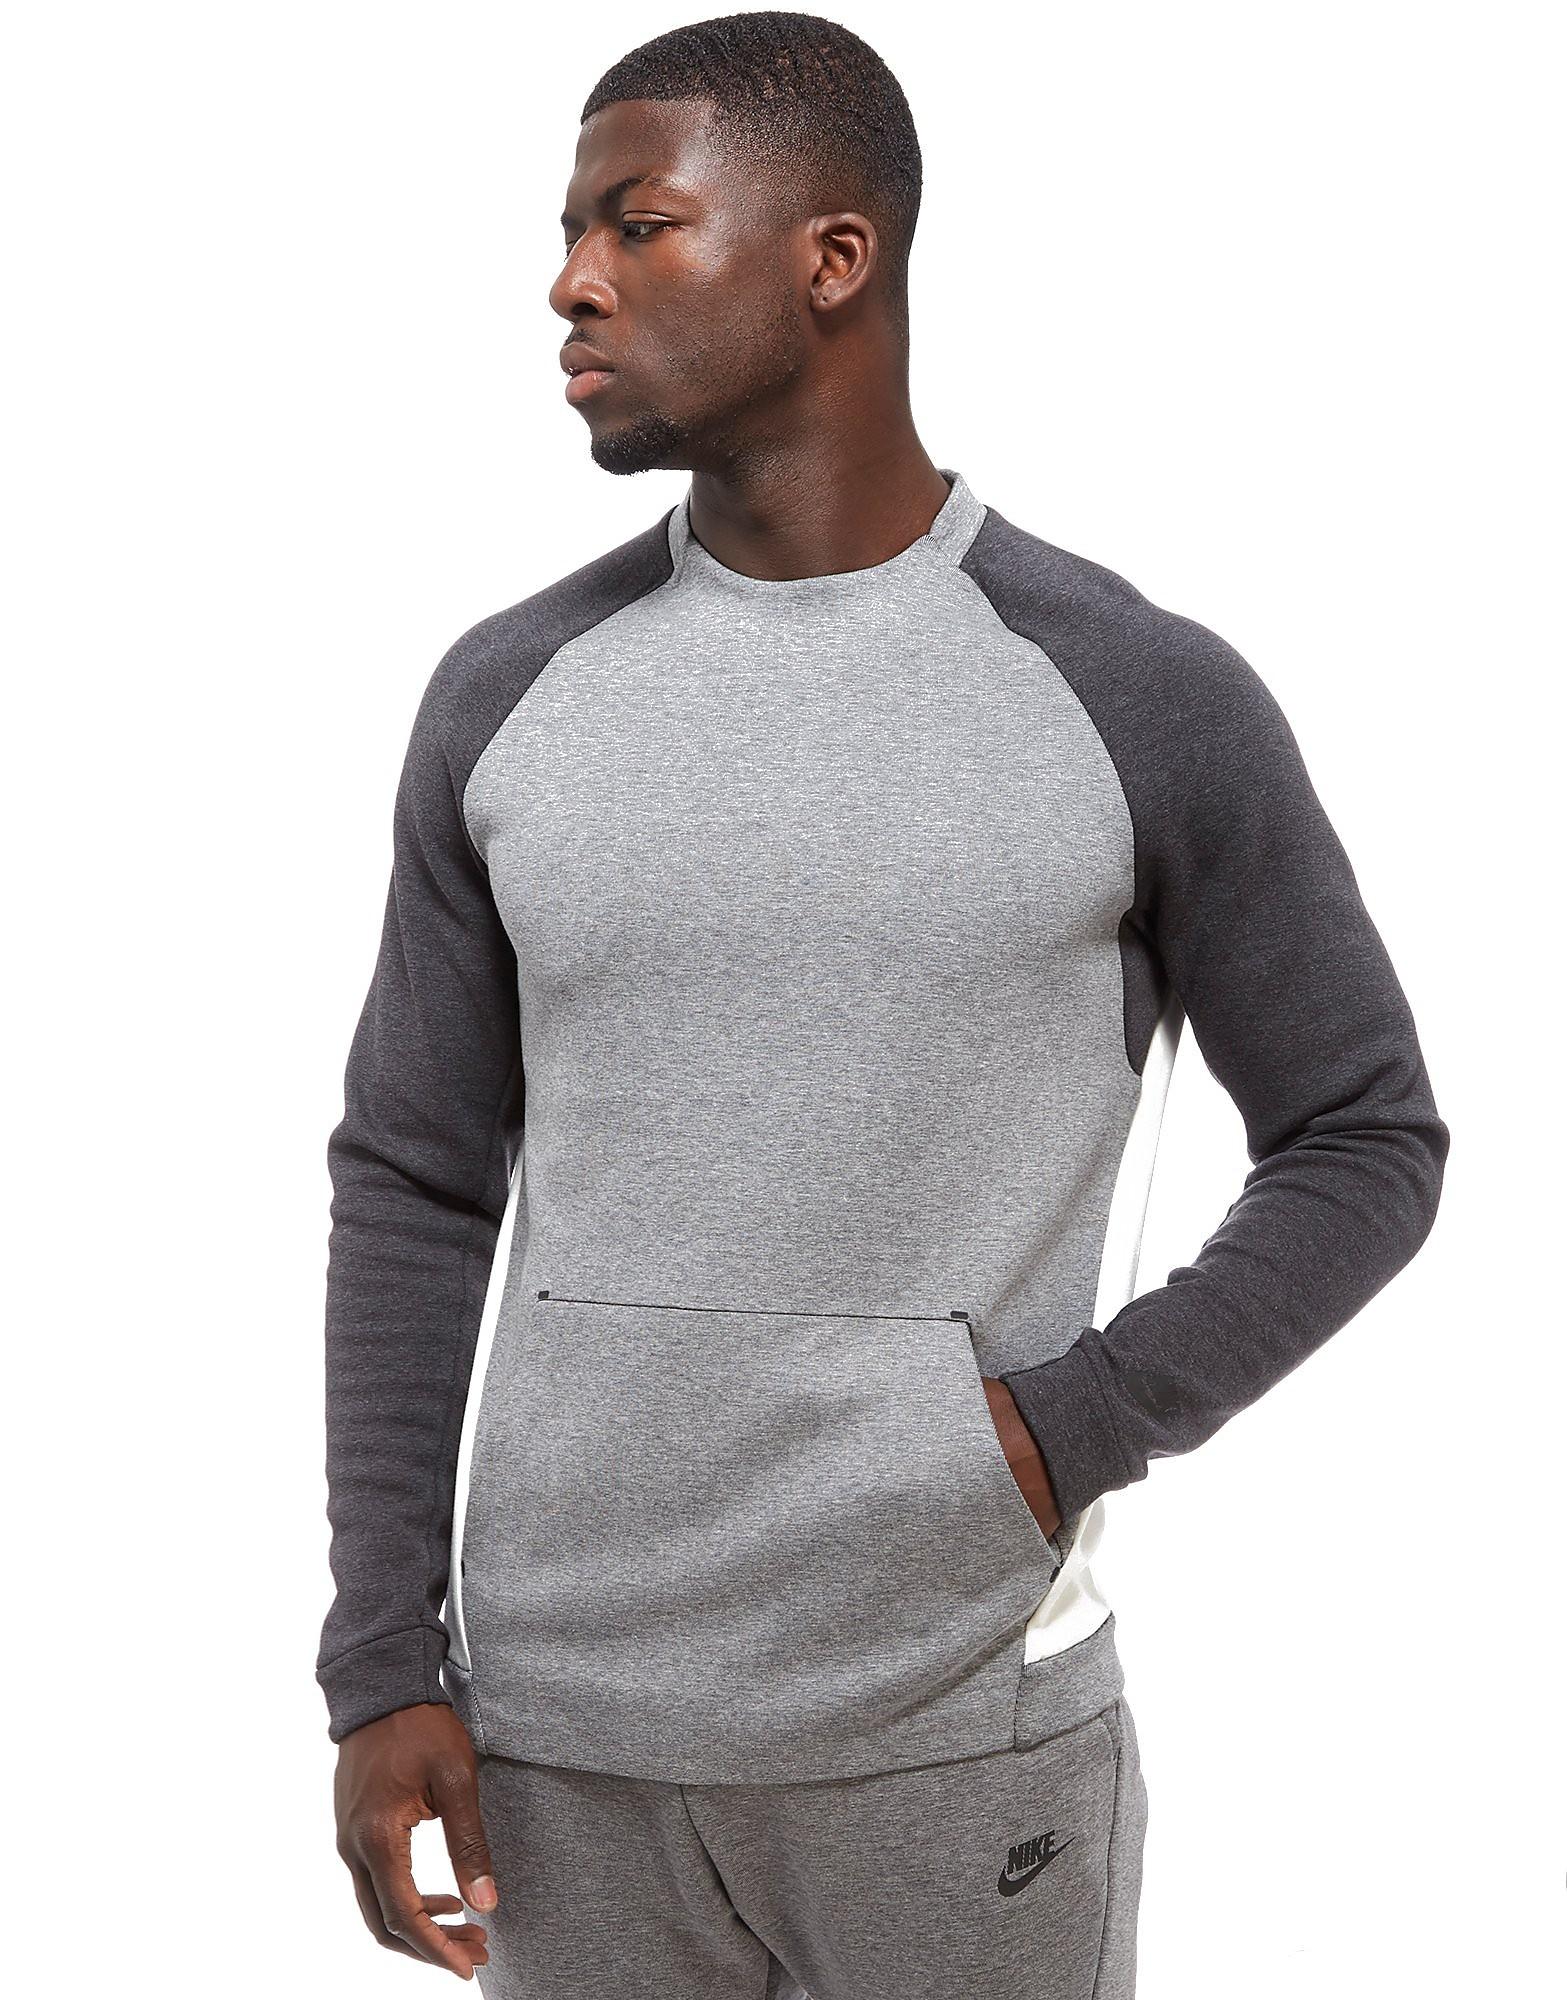 Nike Tech Fleece Crew Sweatshirt